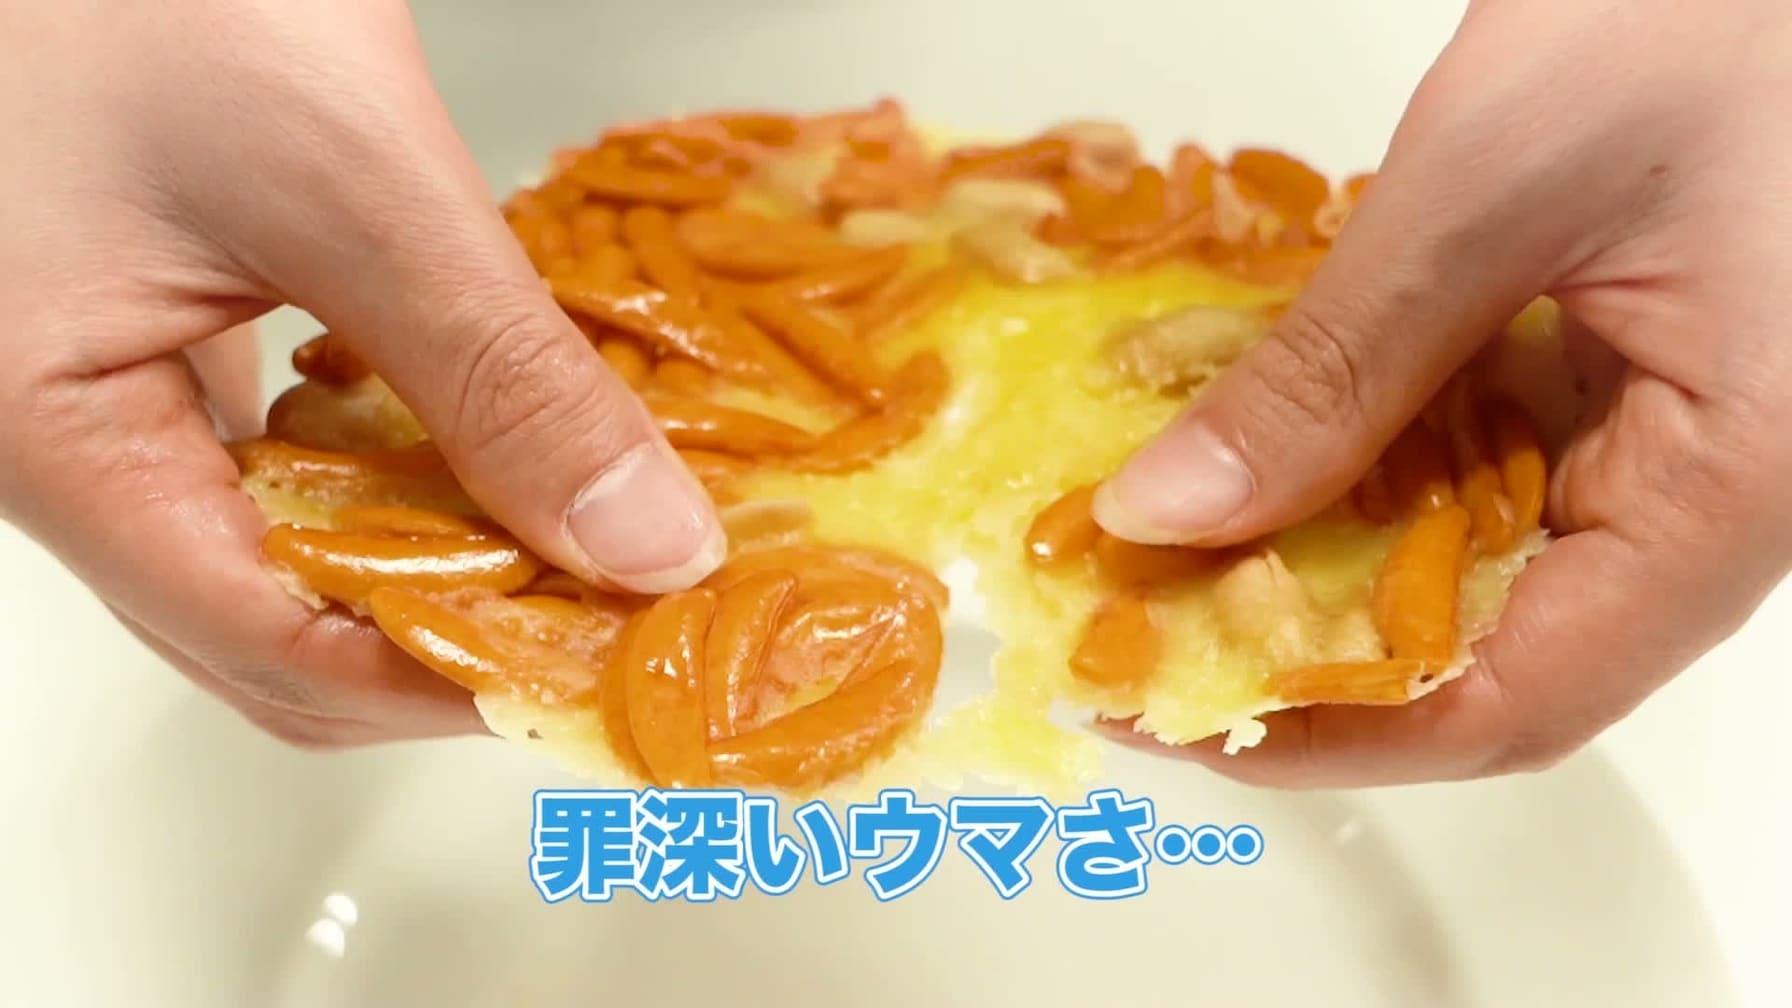 とまらない…「チーズ × 柿の種」でついつい食べちゃう禁断のおつまみが誕生